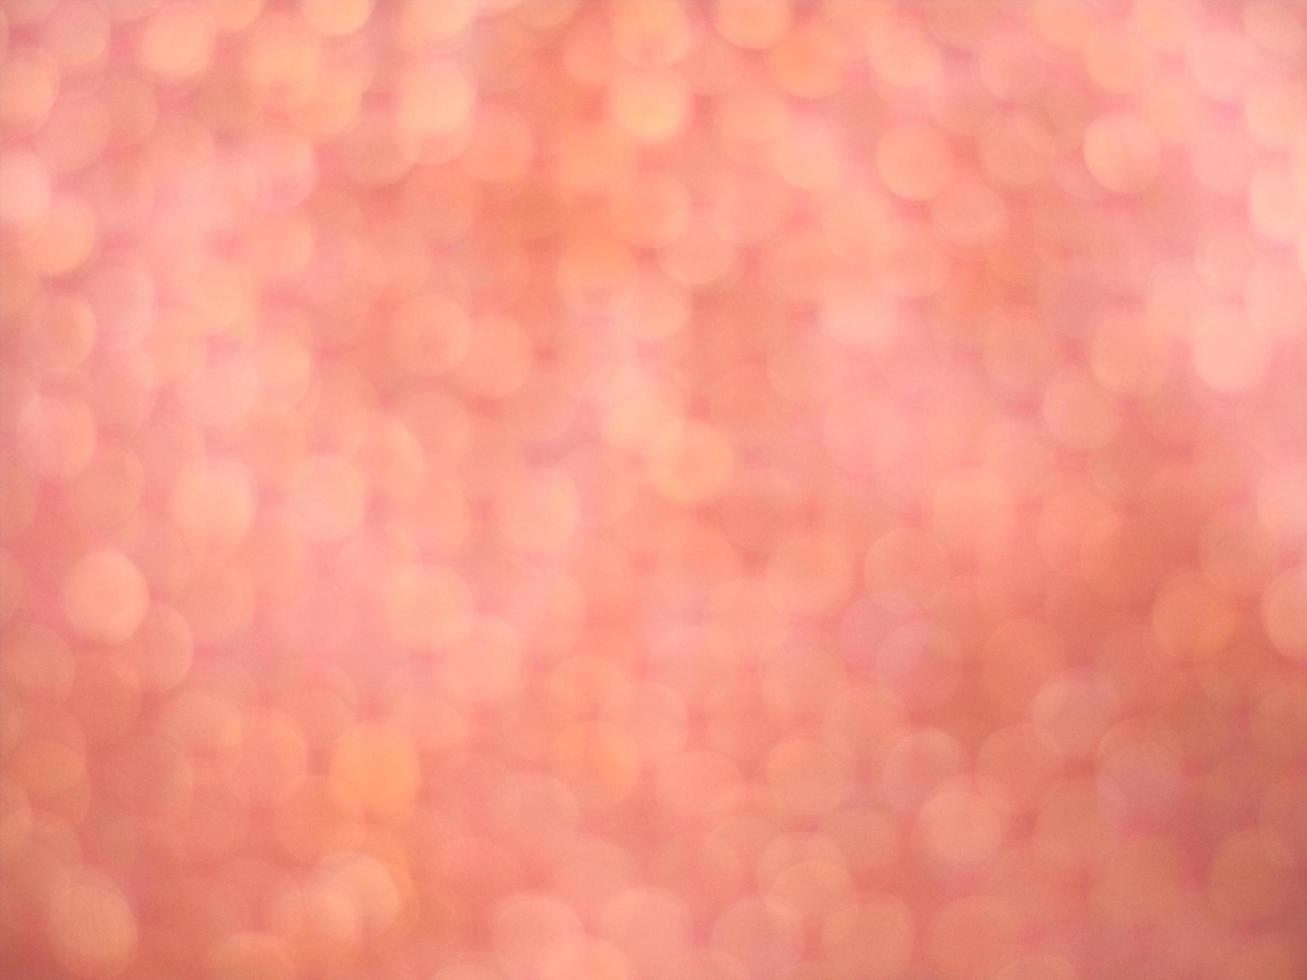 sfondo astratto rosa foto